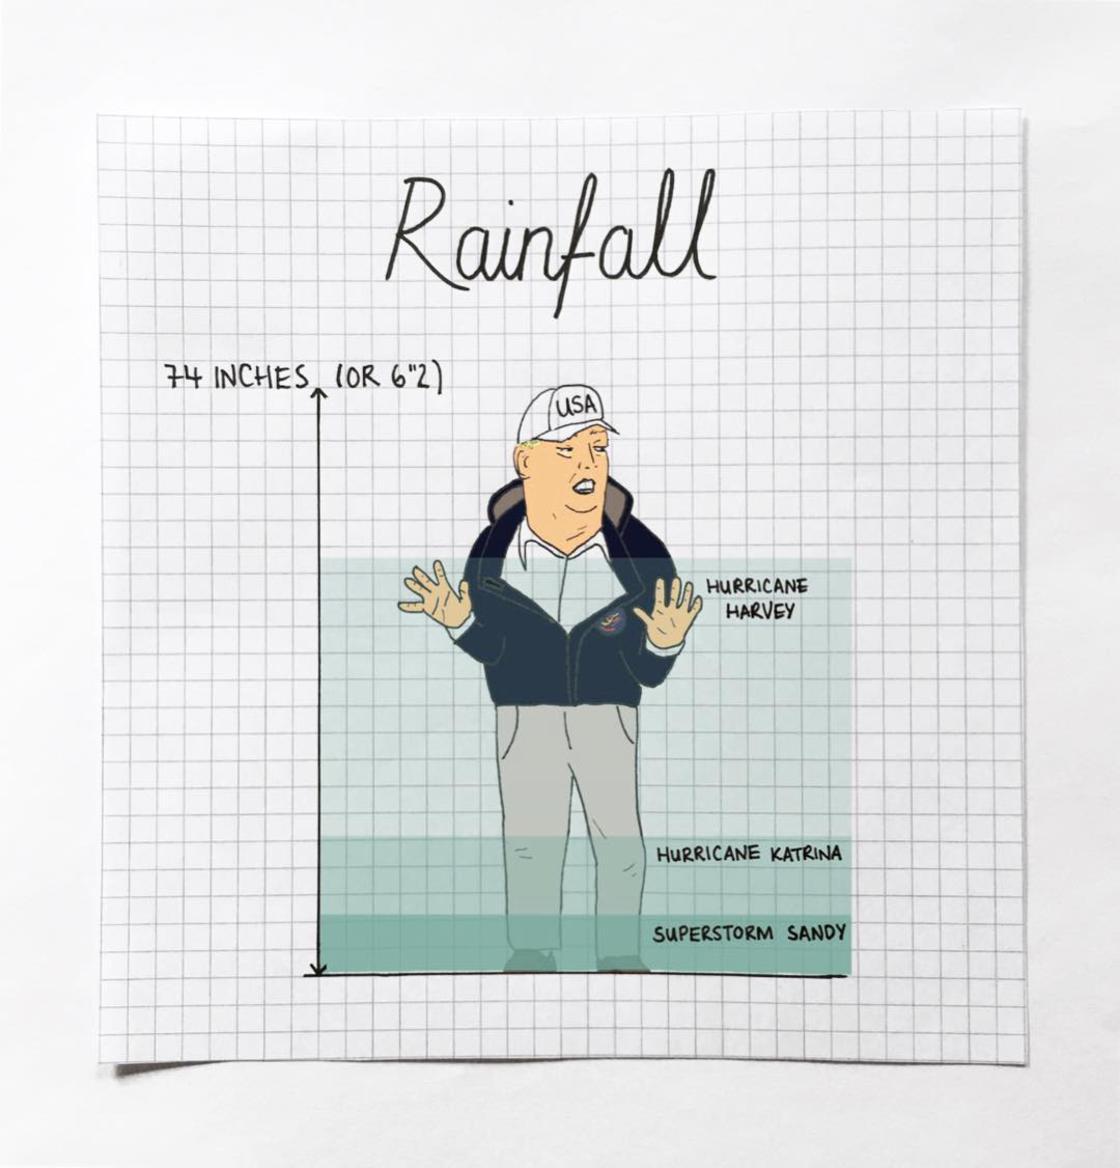 30 diagrammes etonnants illustres par Mona Chalabi